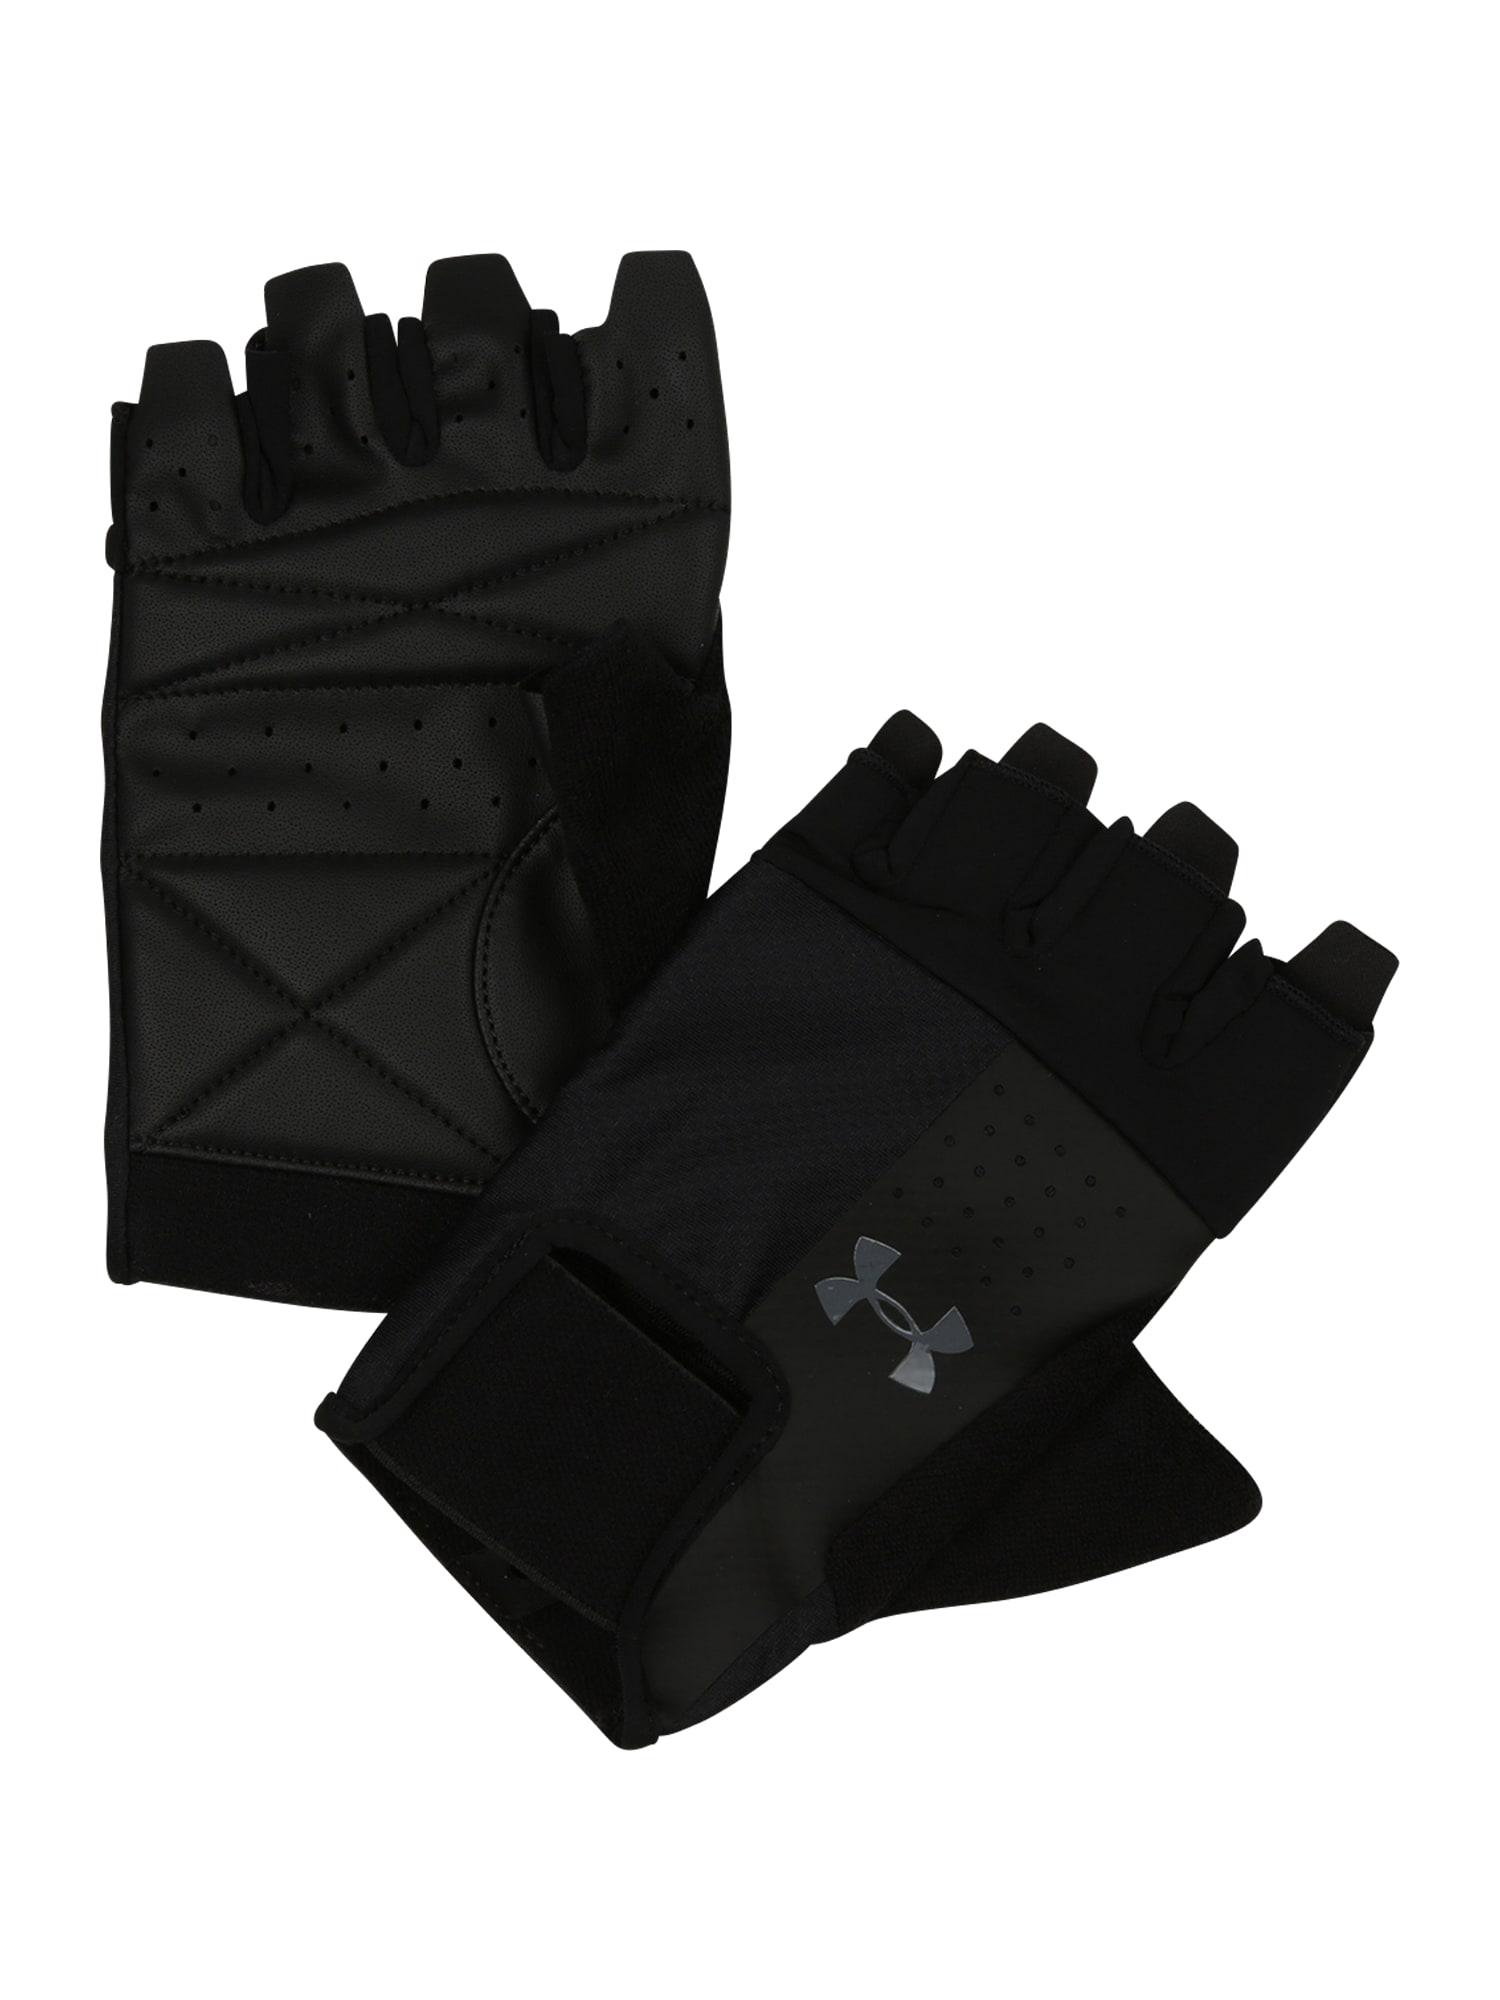 UNDER ARMOUR Sportinės pirštinės juoda / pilka